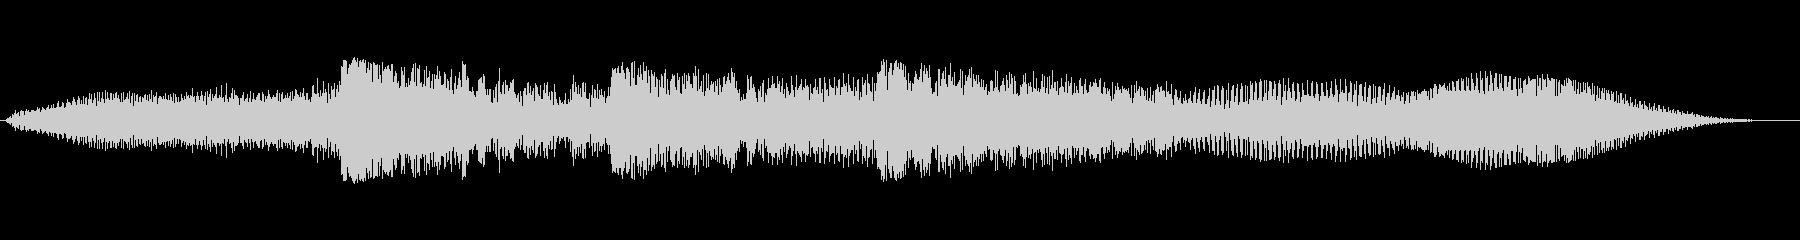 オーケストラヒットのリバウンドの未再生の波形